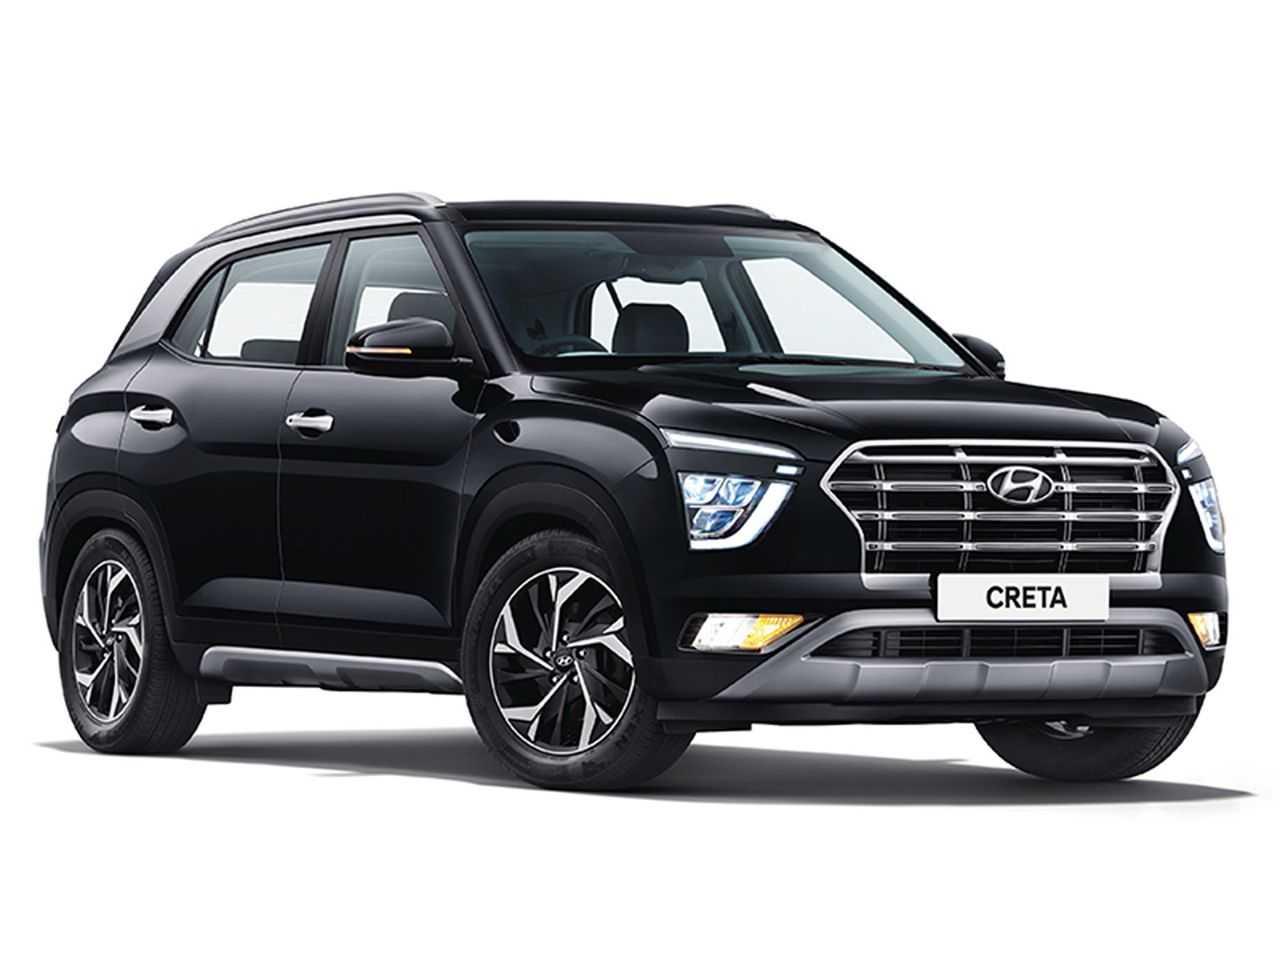 Nova geração do Hyundai Creta entra em pré-venda no mercado indiano